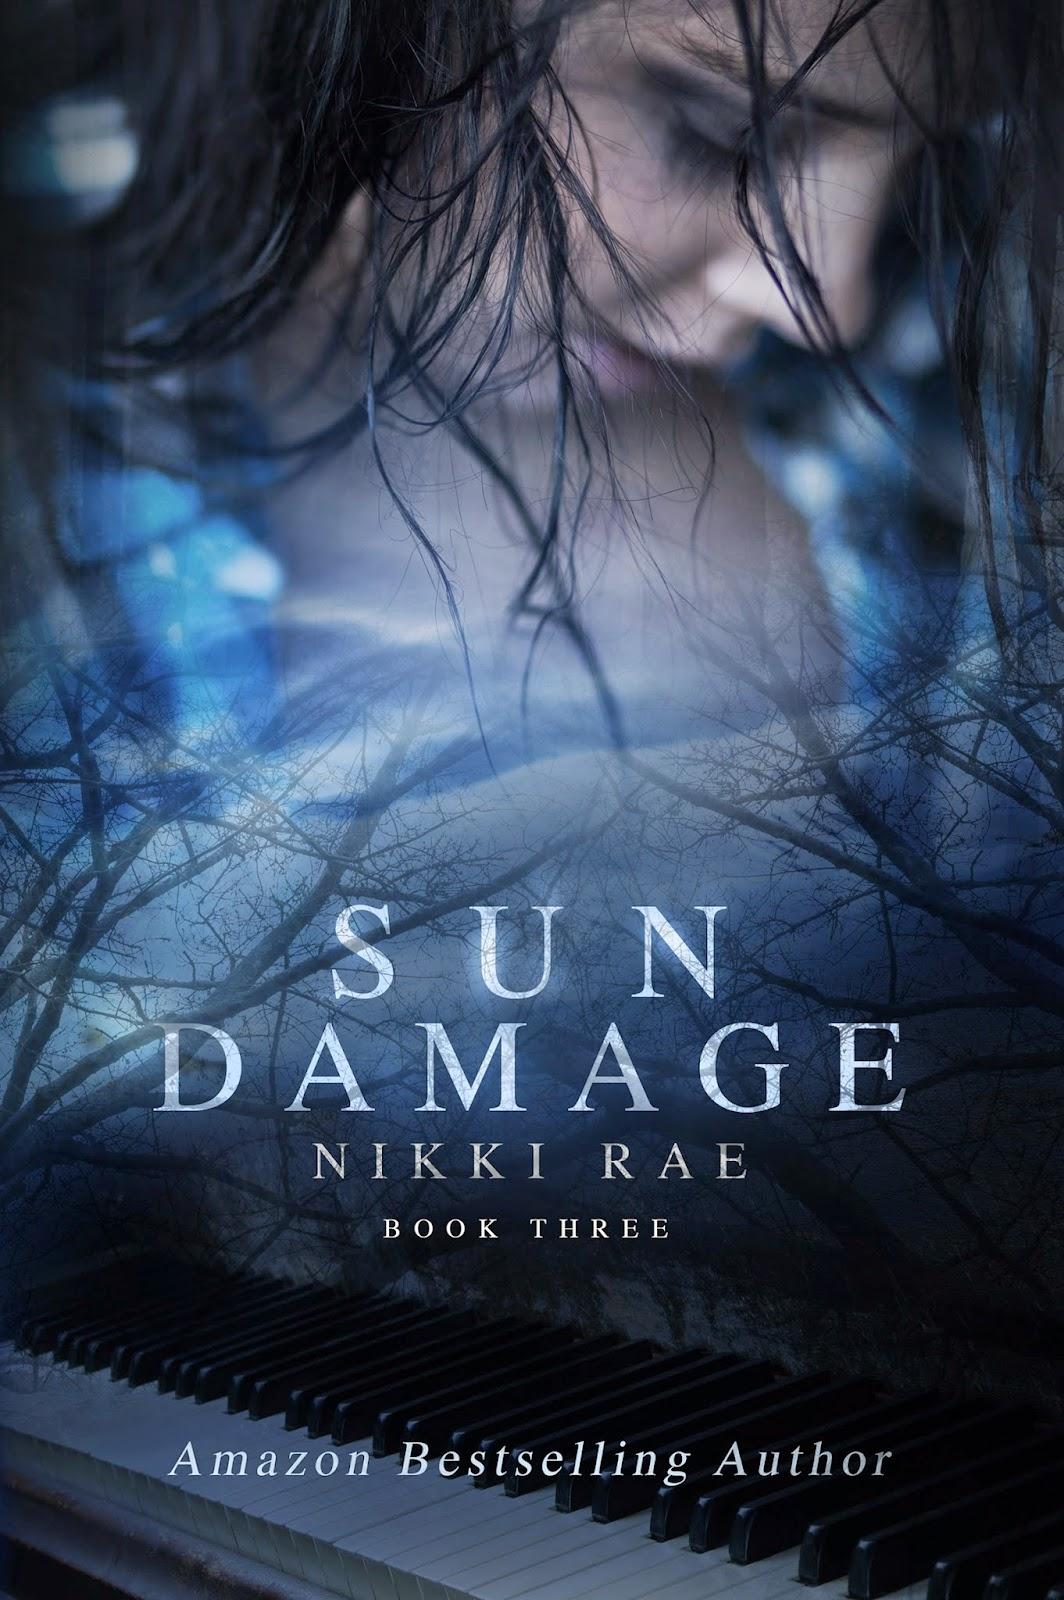 https://www.goodreads.com/book/show/18275070-sun-damage